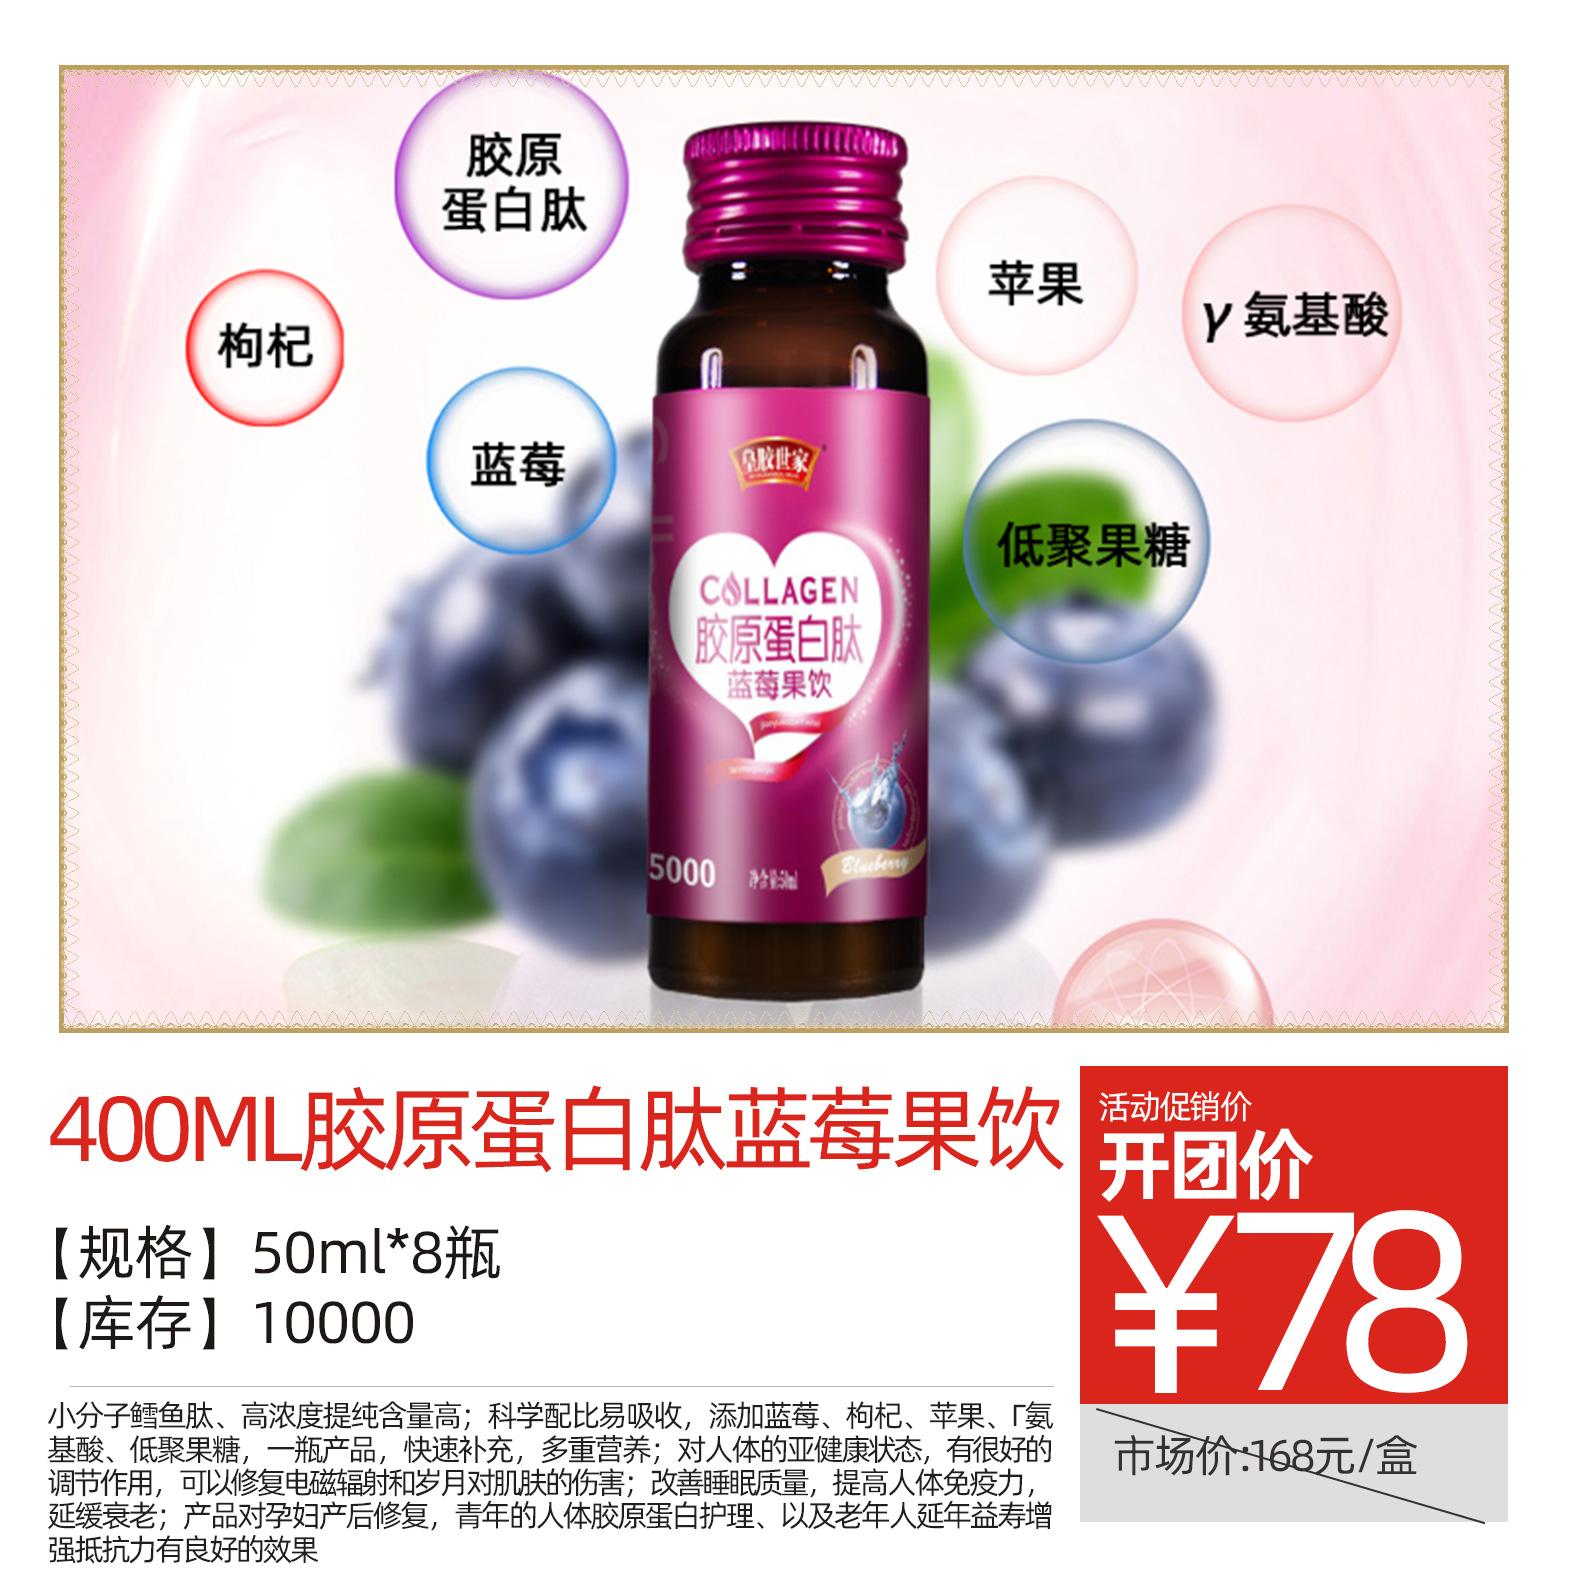 400ml胶原蛋白肽蓝莓果饮